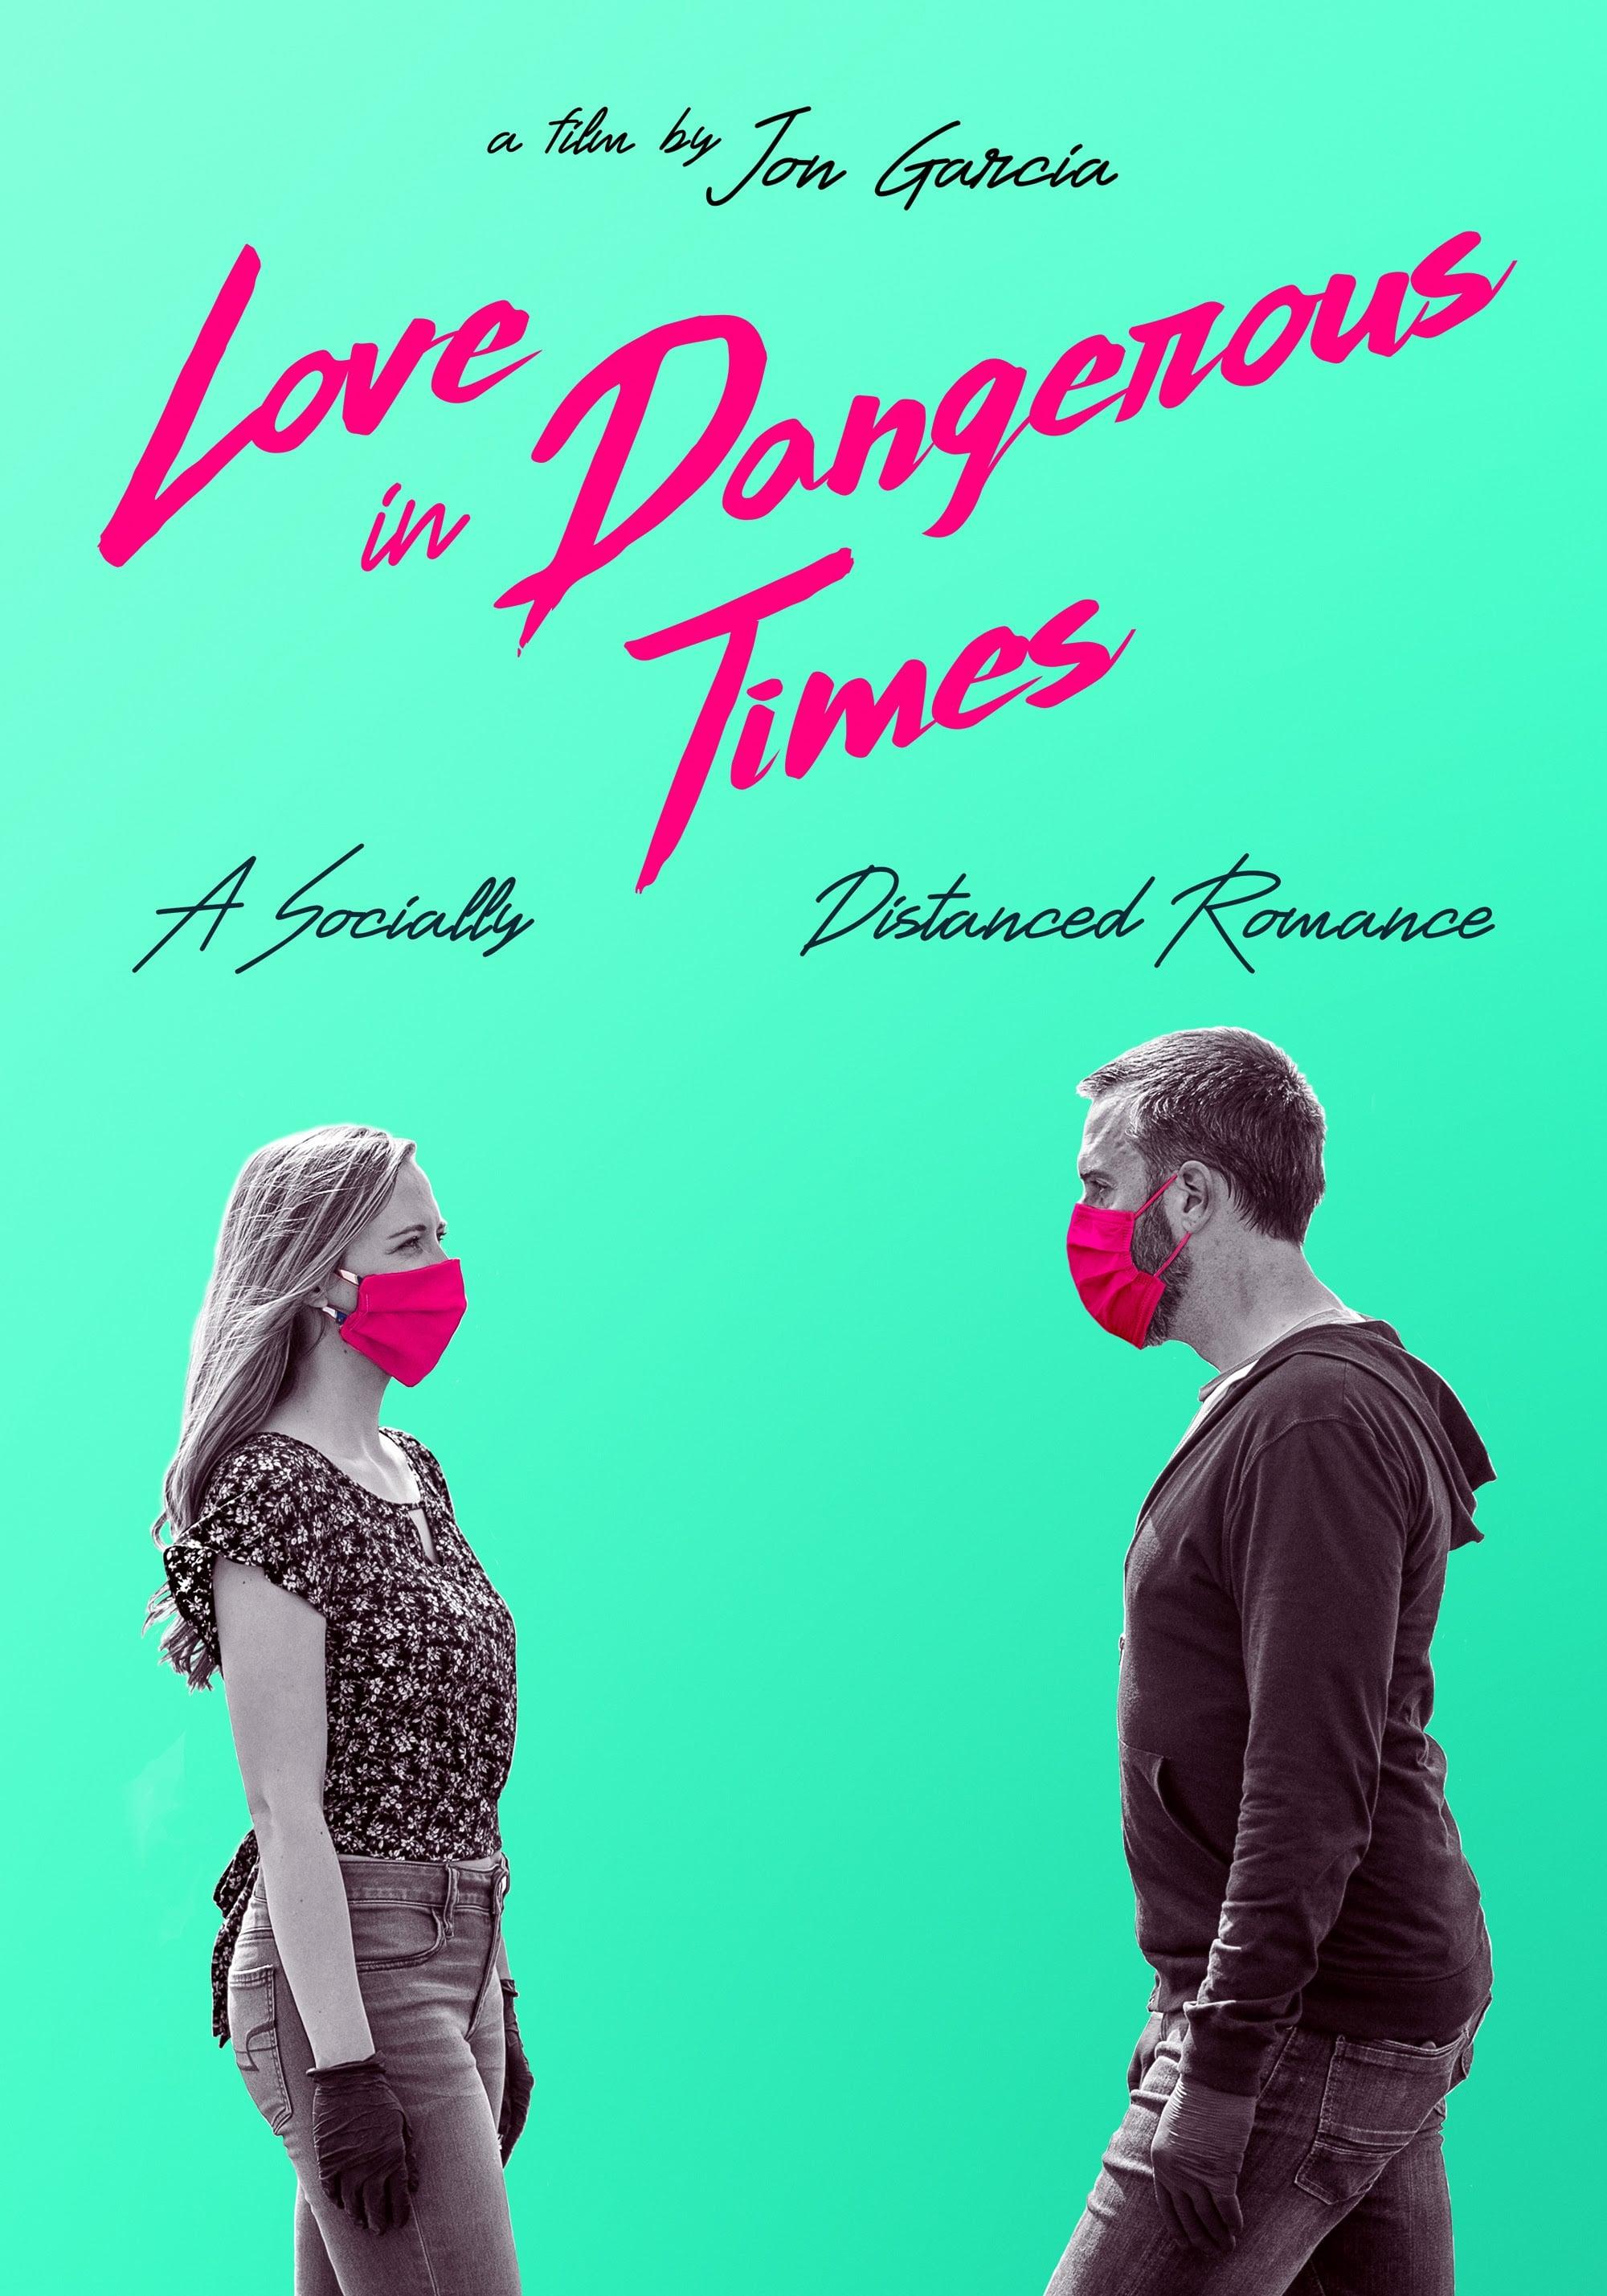 Love in Dangerous Times